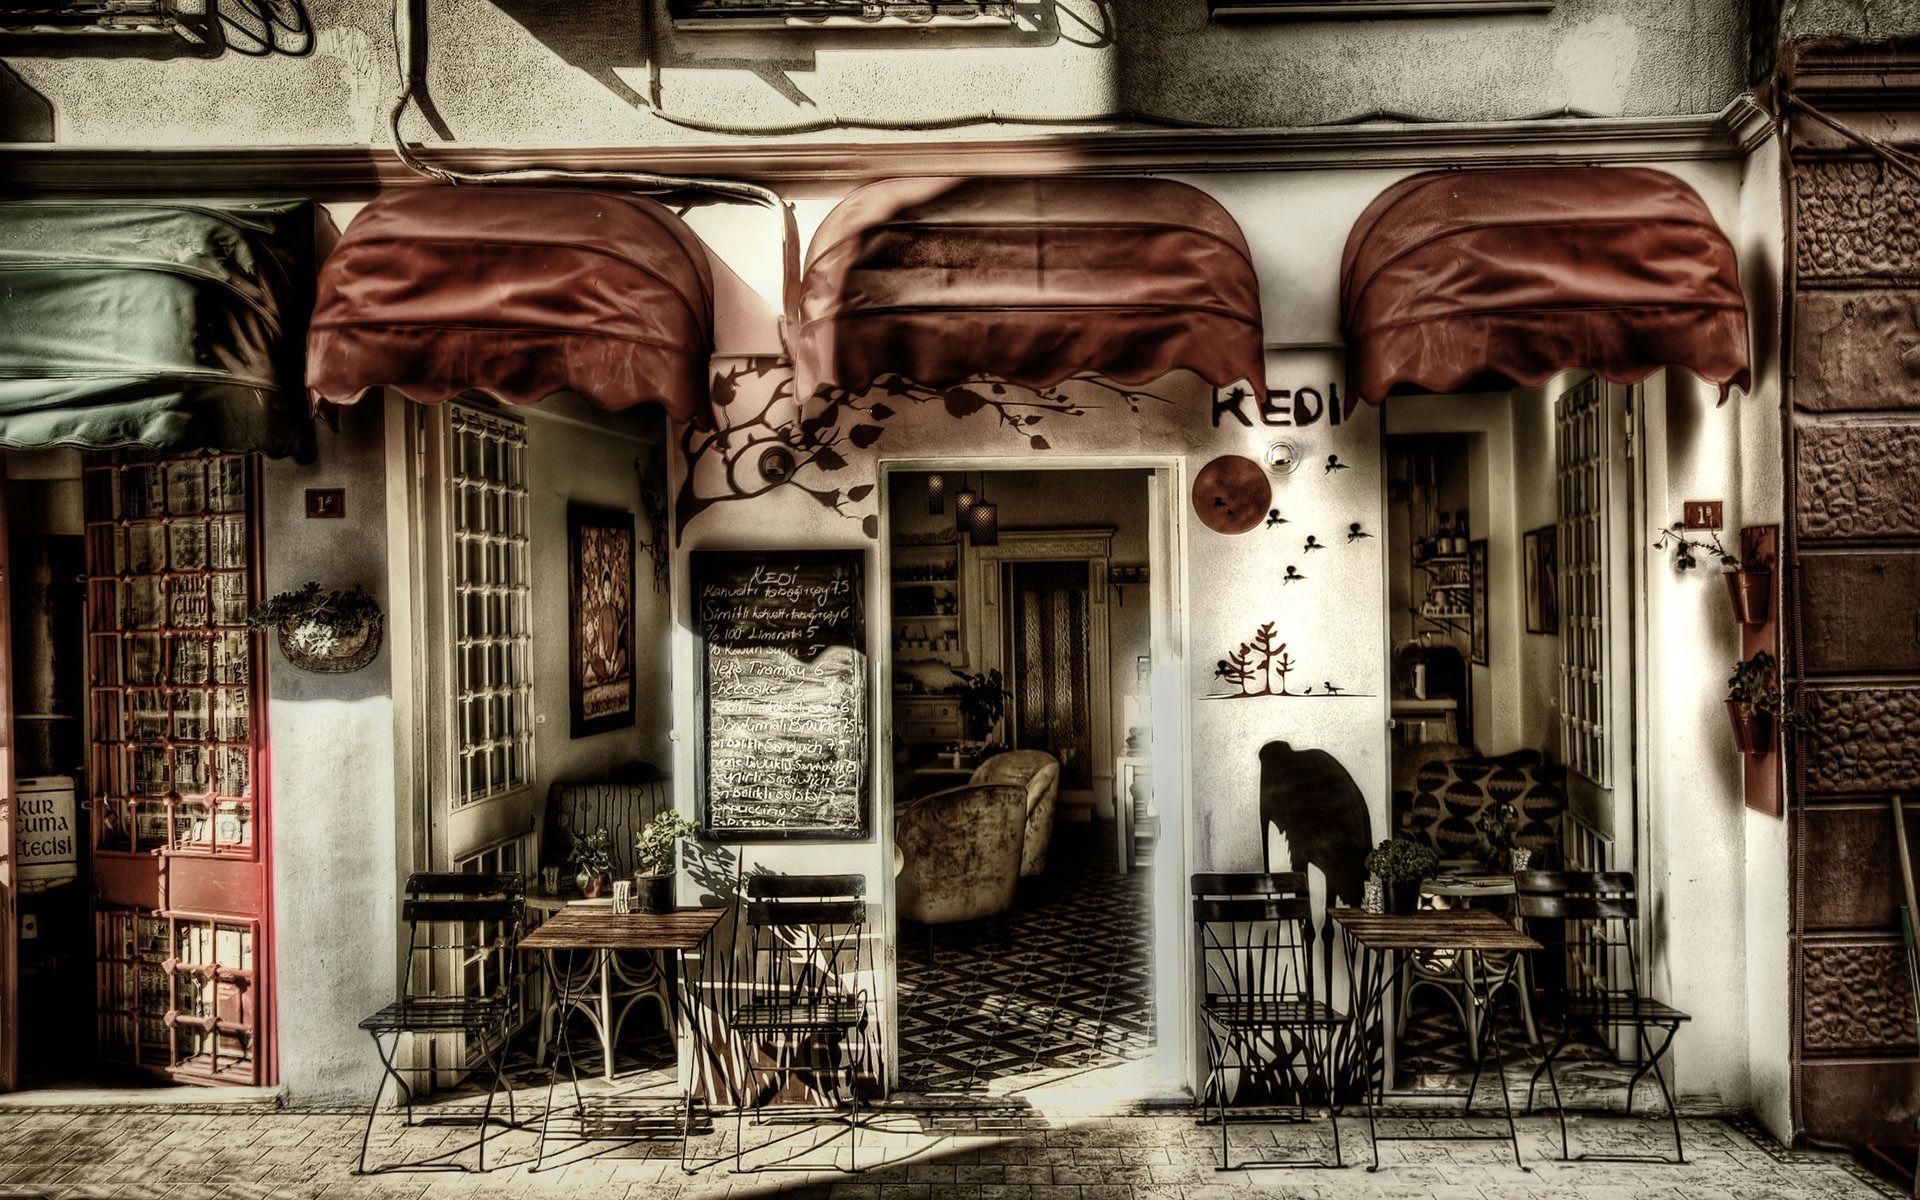 ผลการค้นหารูปภาพสำหรับ coffe hdr